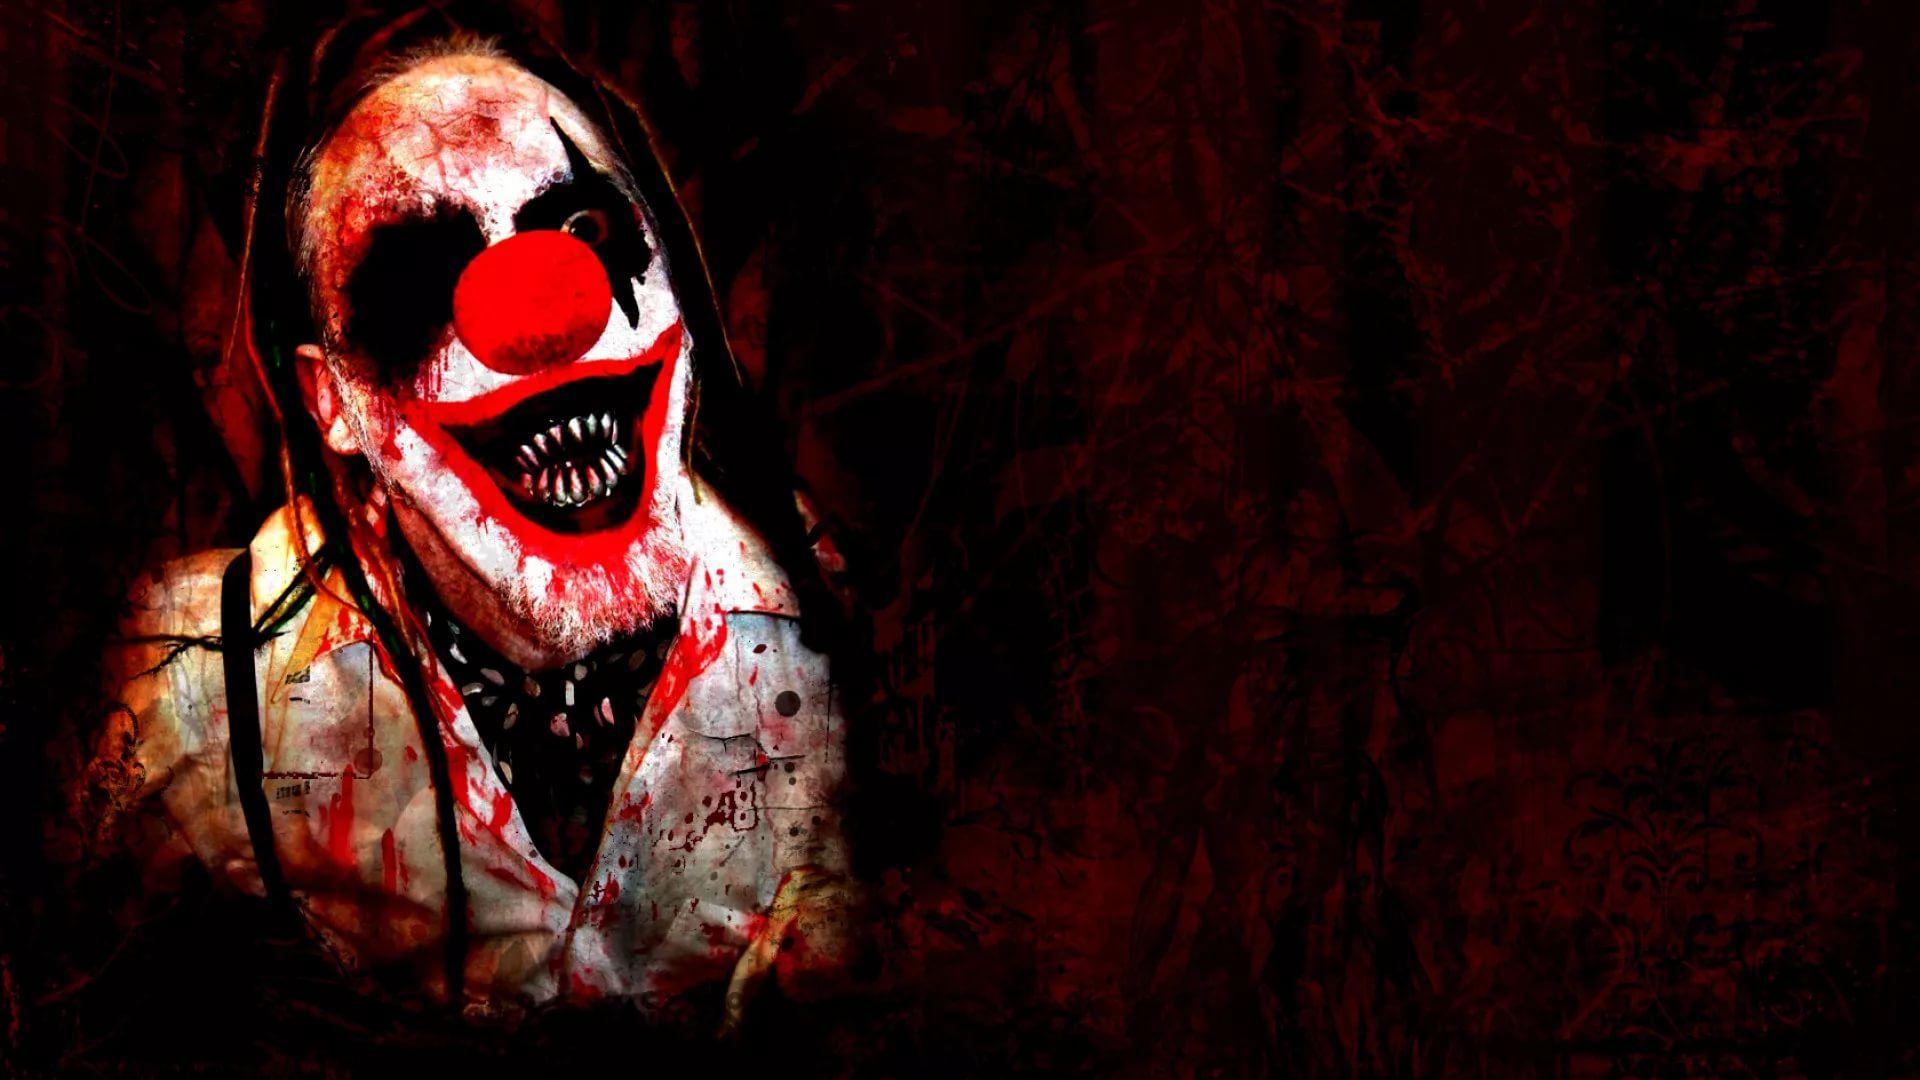 Killer Clown wallpaper theme